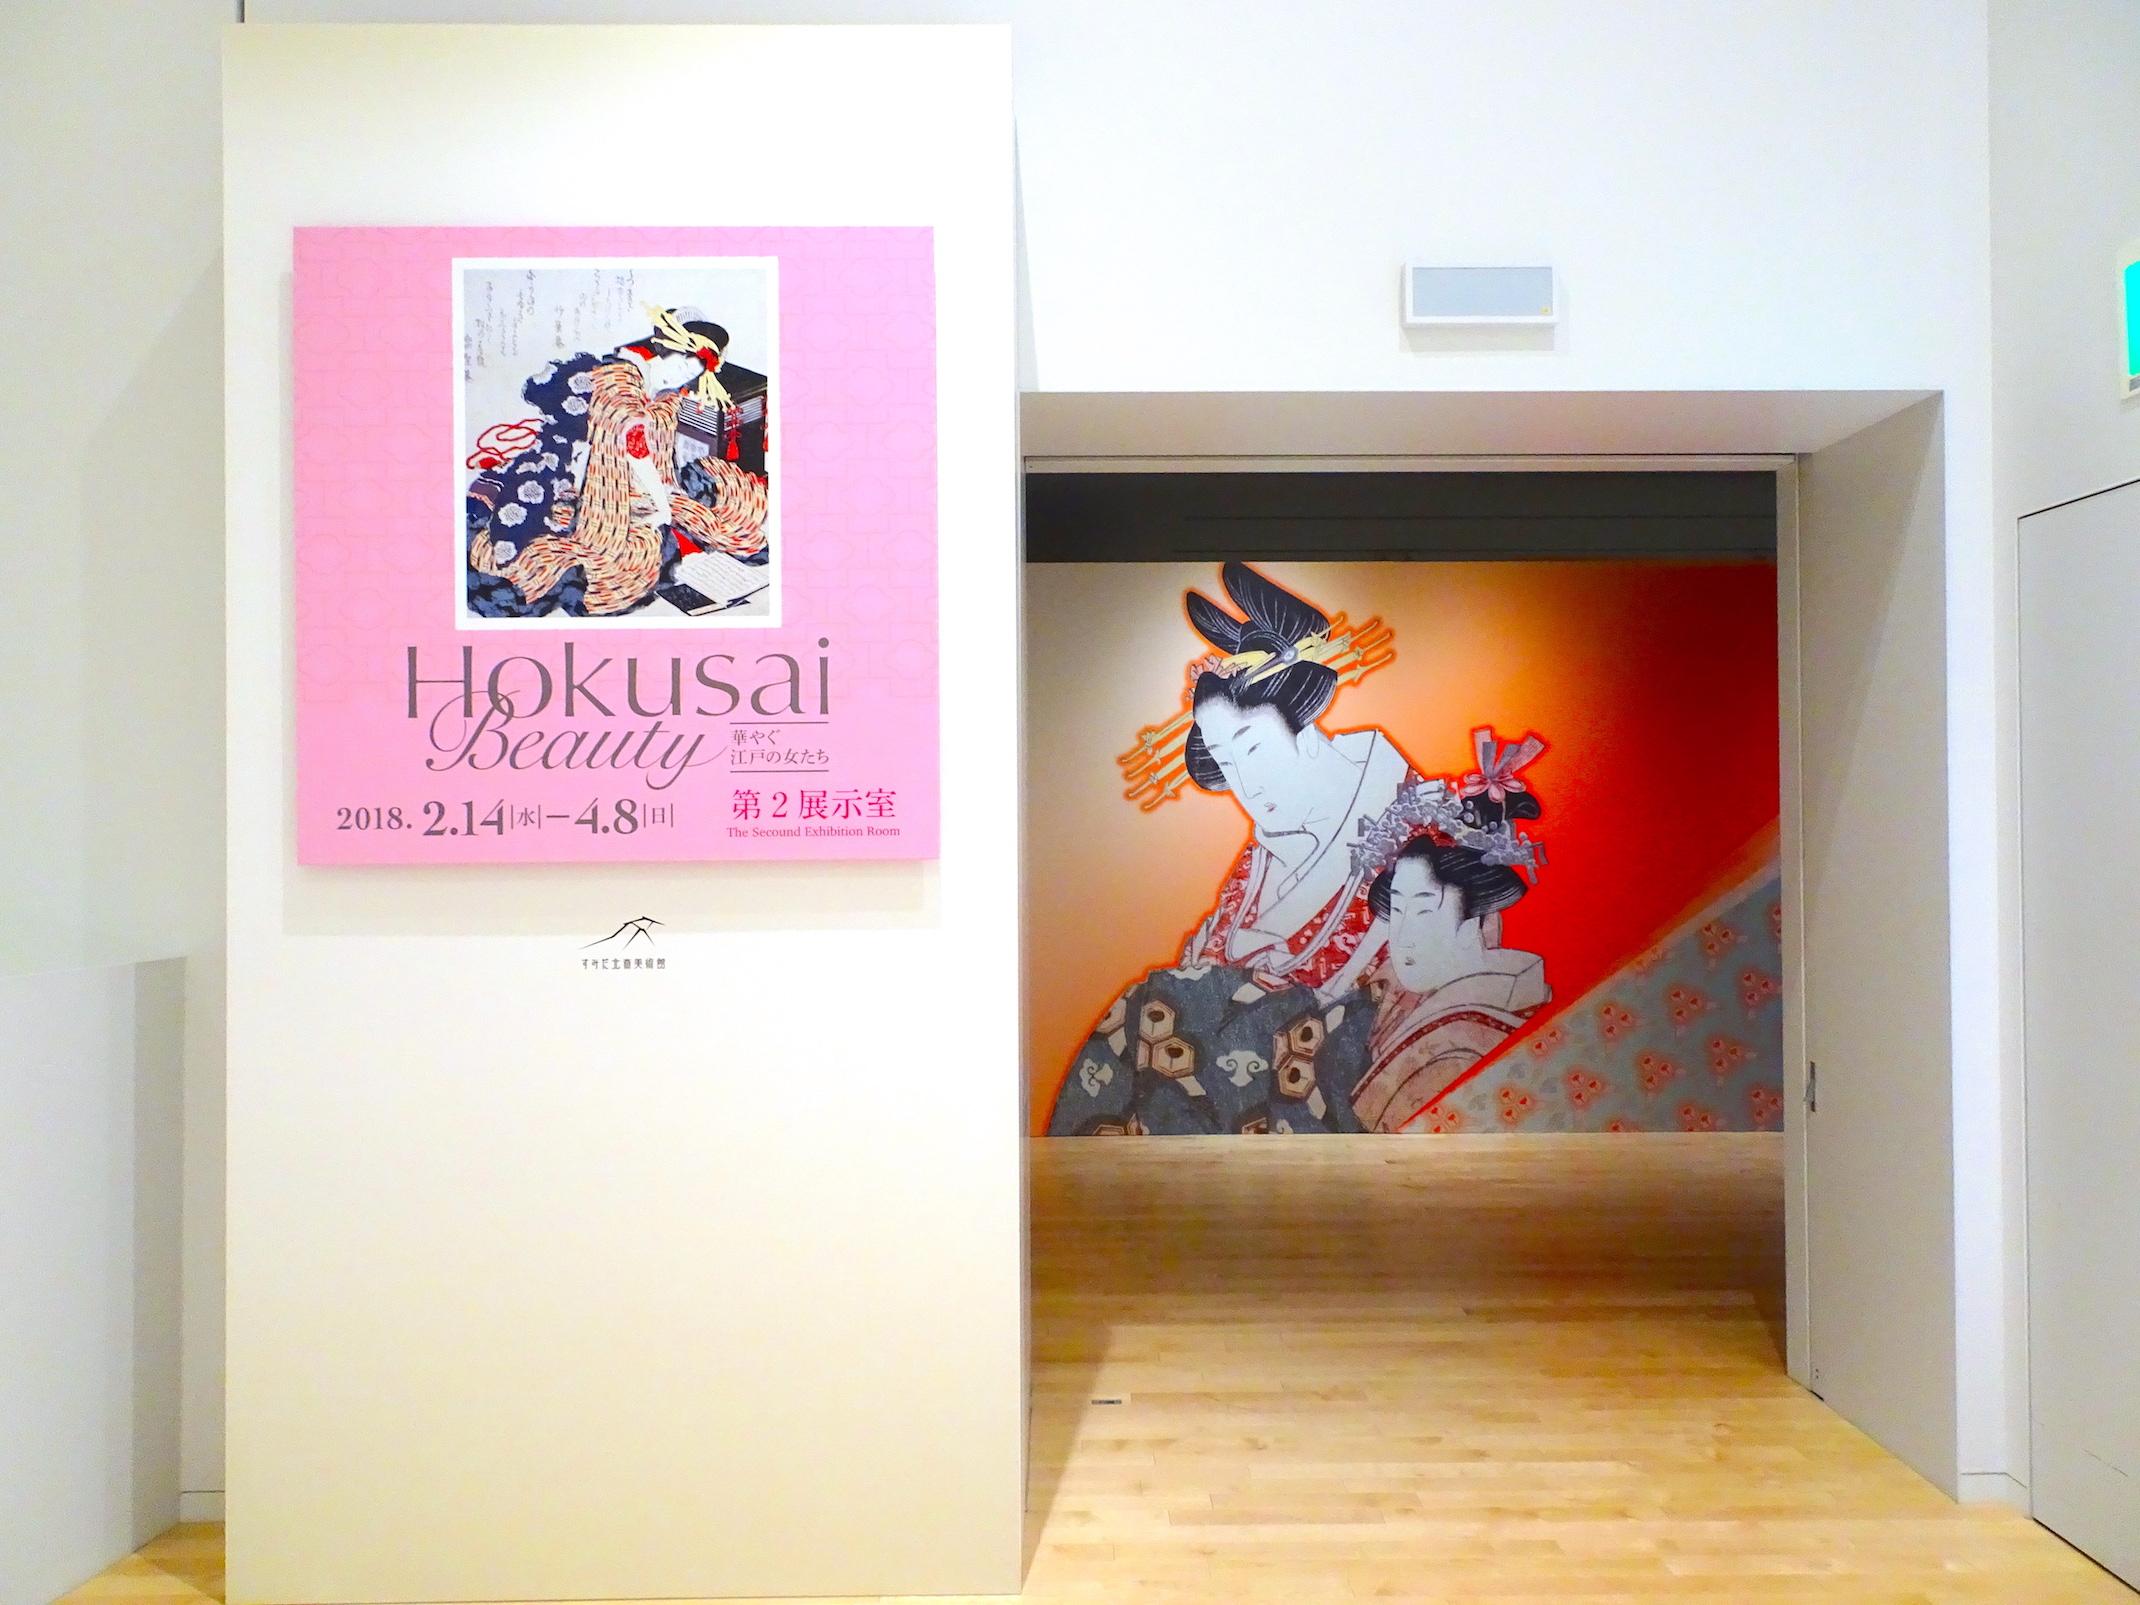 葛飾北斎が描いた華やかな美人画が勢揃い Hokusai Beautyー華やぐ